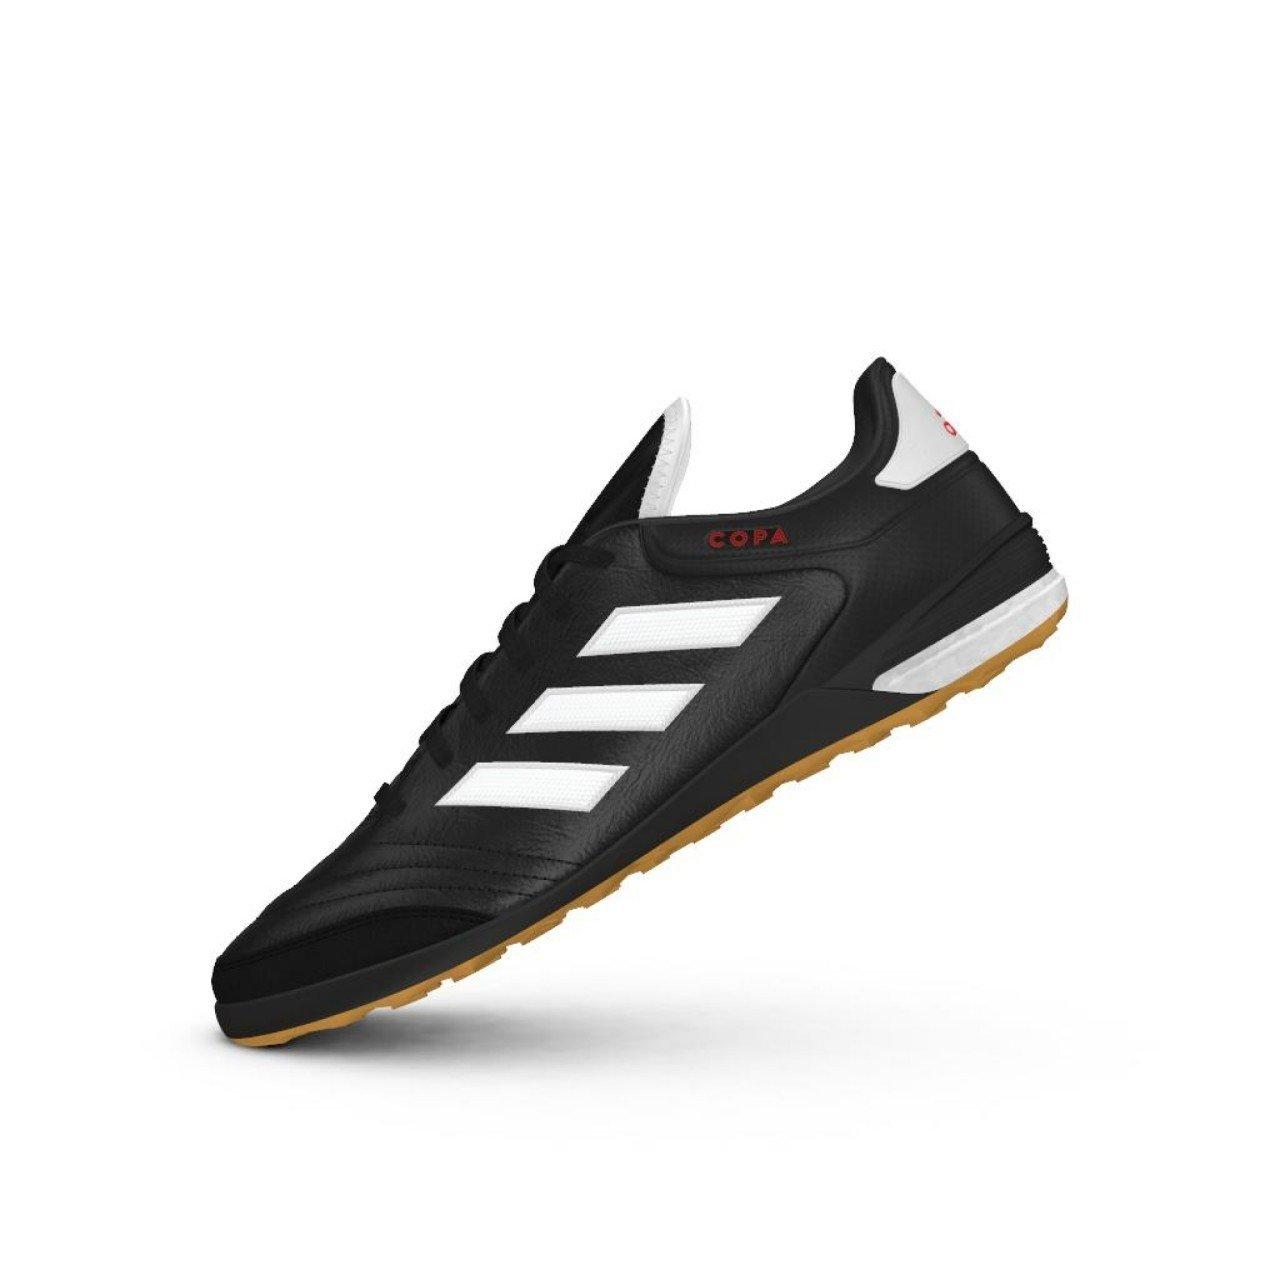 Adidas Herren Copa Tango 17.1 in Futsalschuhe